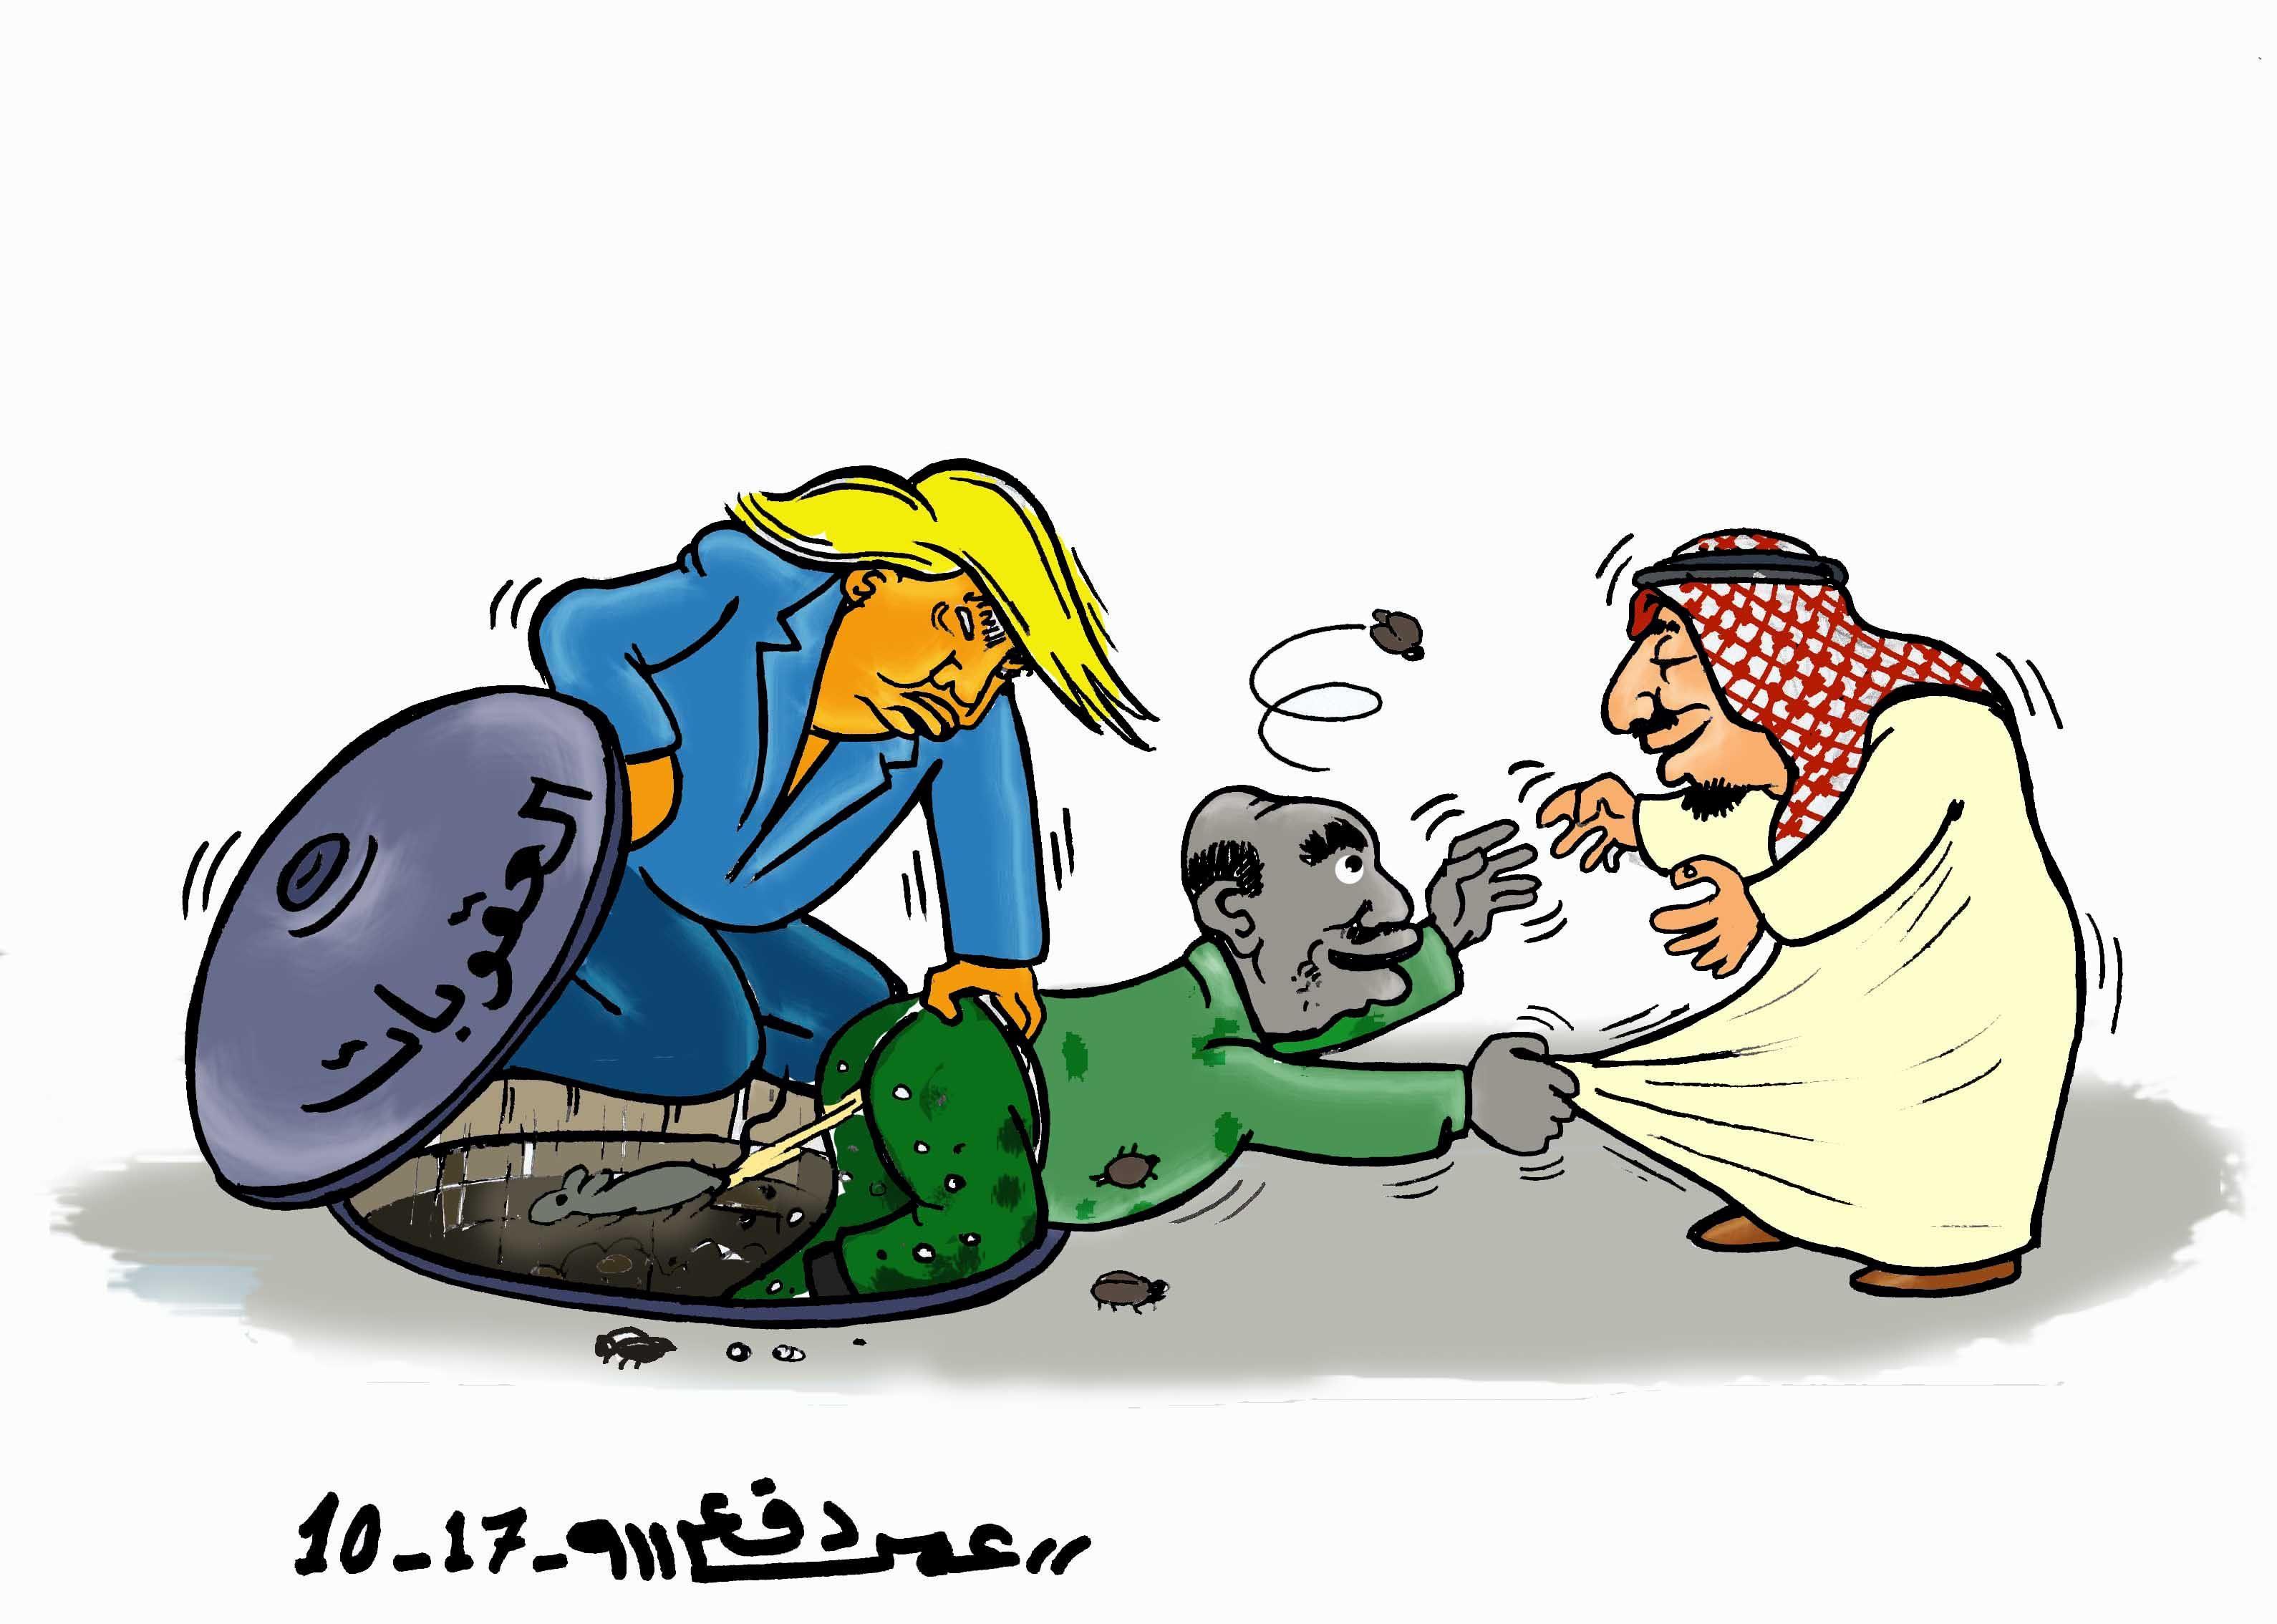 كاركاتير اليوم الموافق 07 أكتوبر 2017 للفنان عمر دفع الله